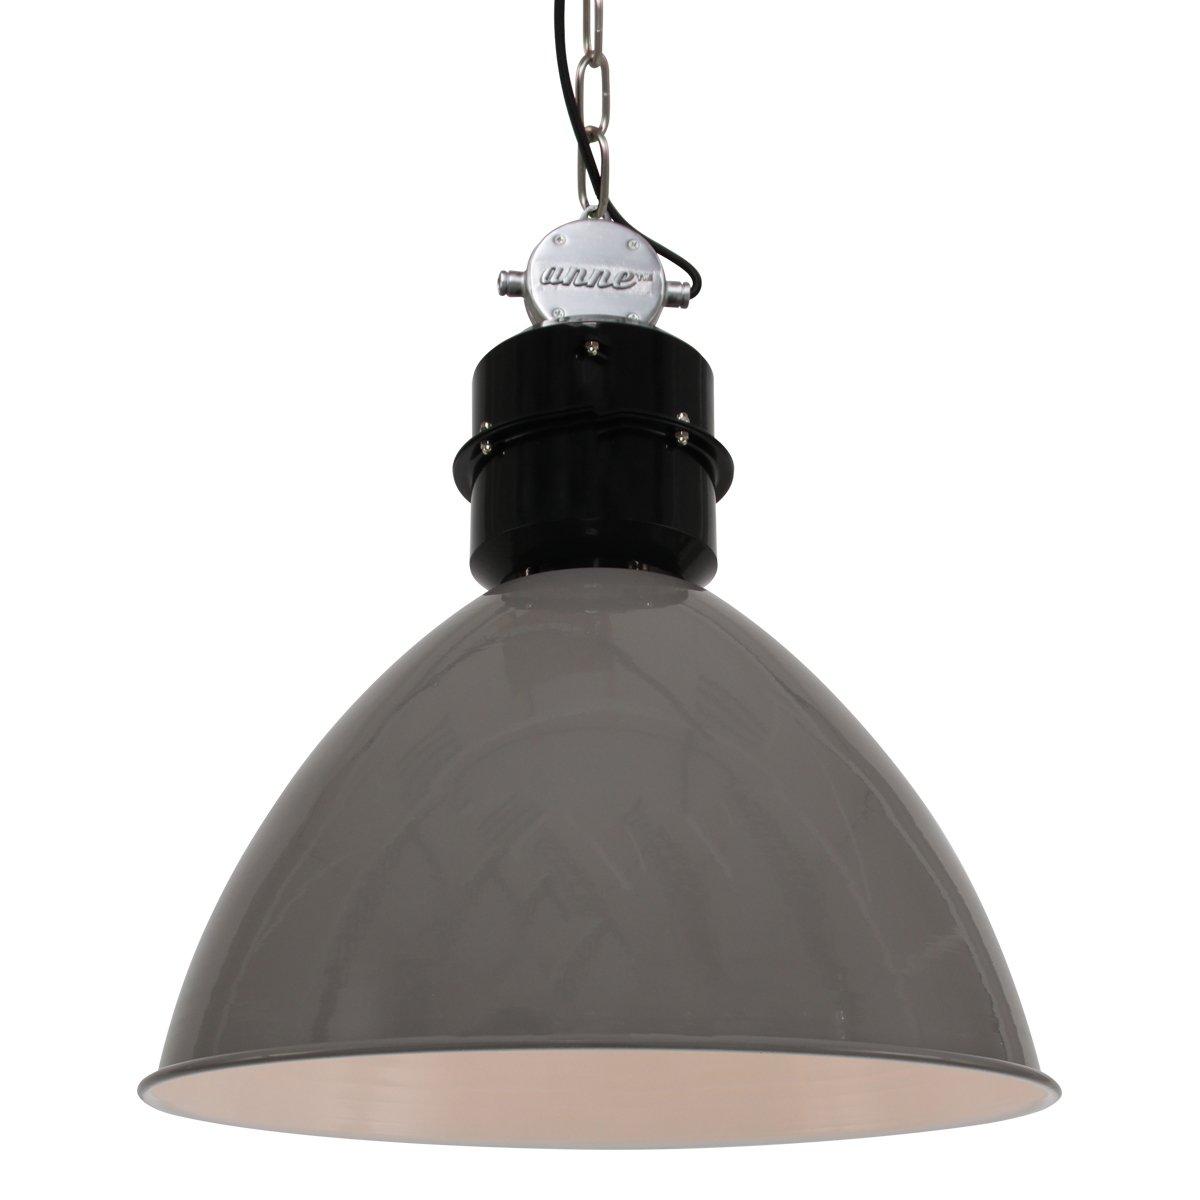 Steinhauer Hanglamp Frisk landelijk 7696GR